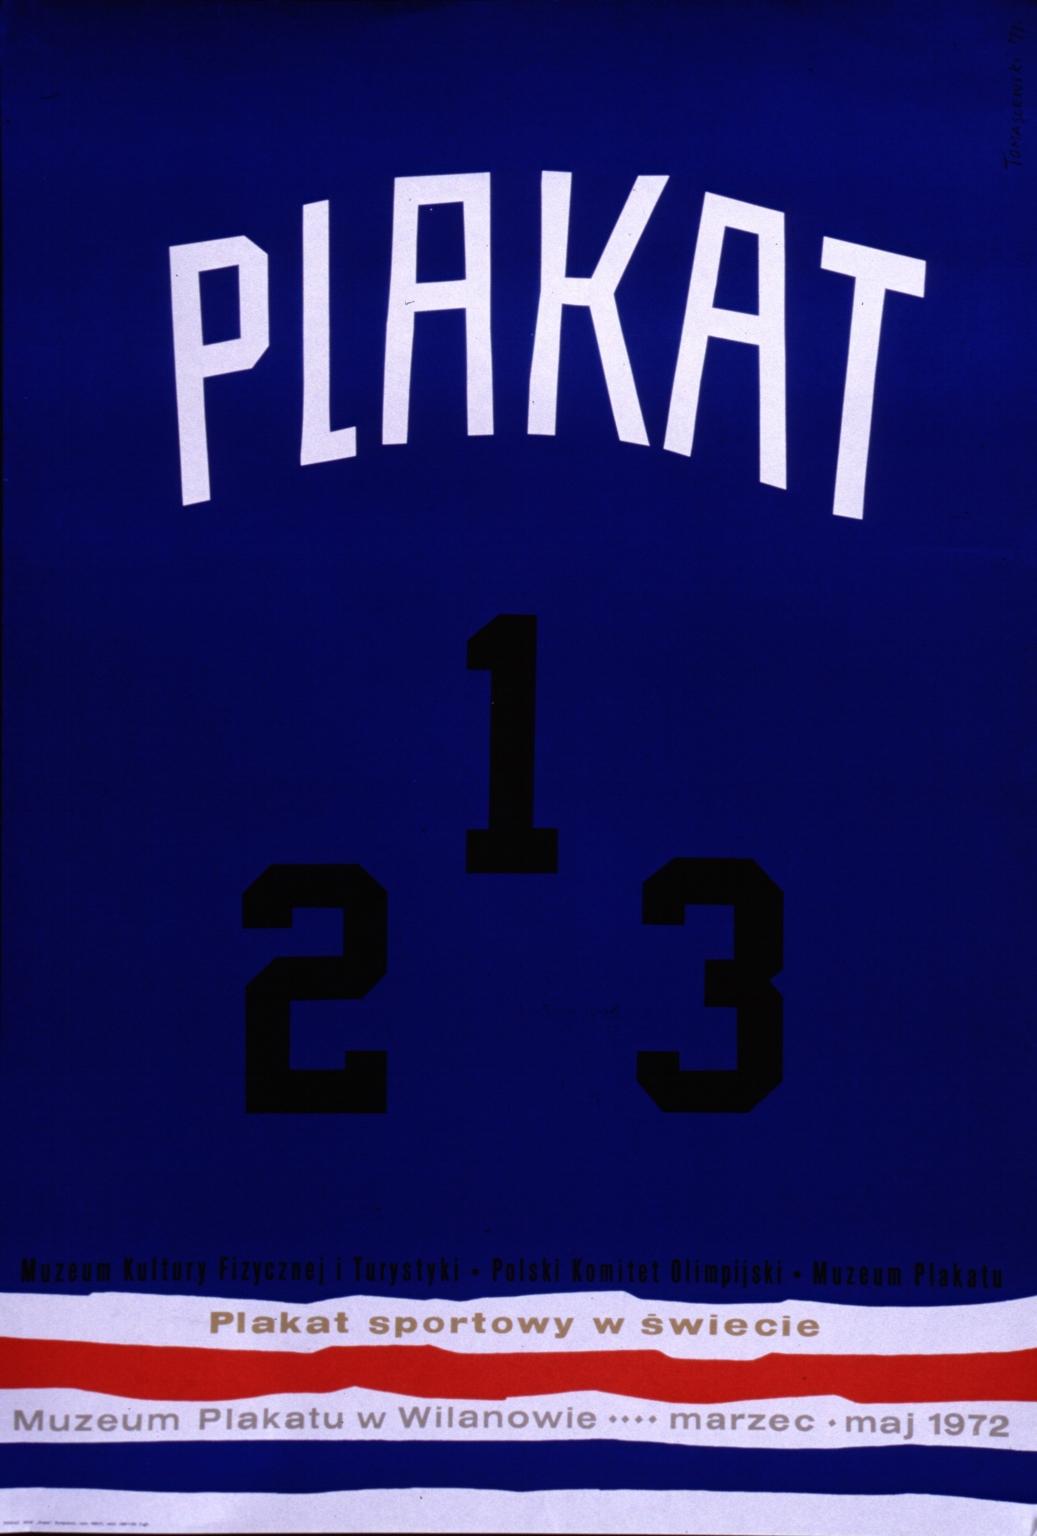 Plakat sportowy w swiecie: Muzeum Plakatu w Wilanowie, marzec-maj 1972